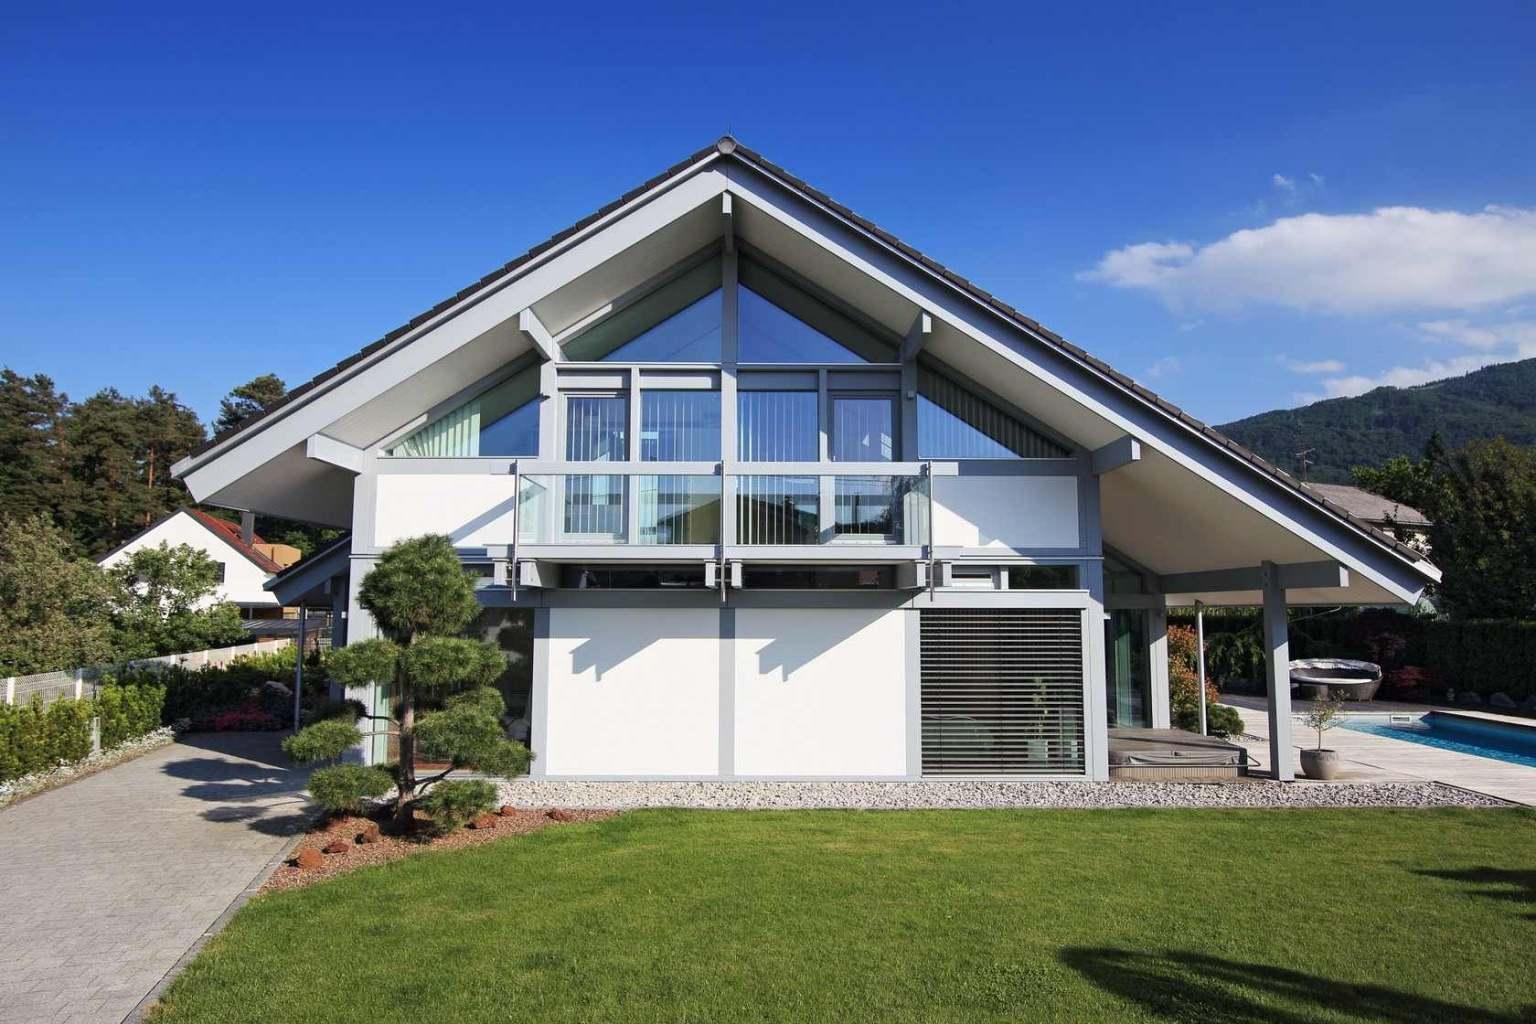 Modernes Fachwerkhaus bauen Kosten